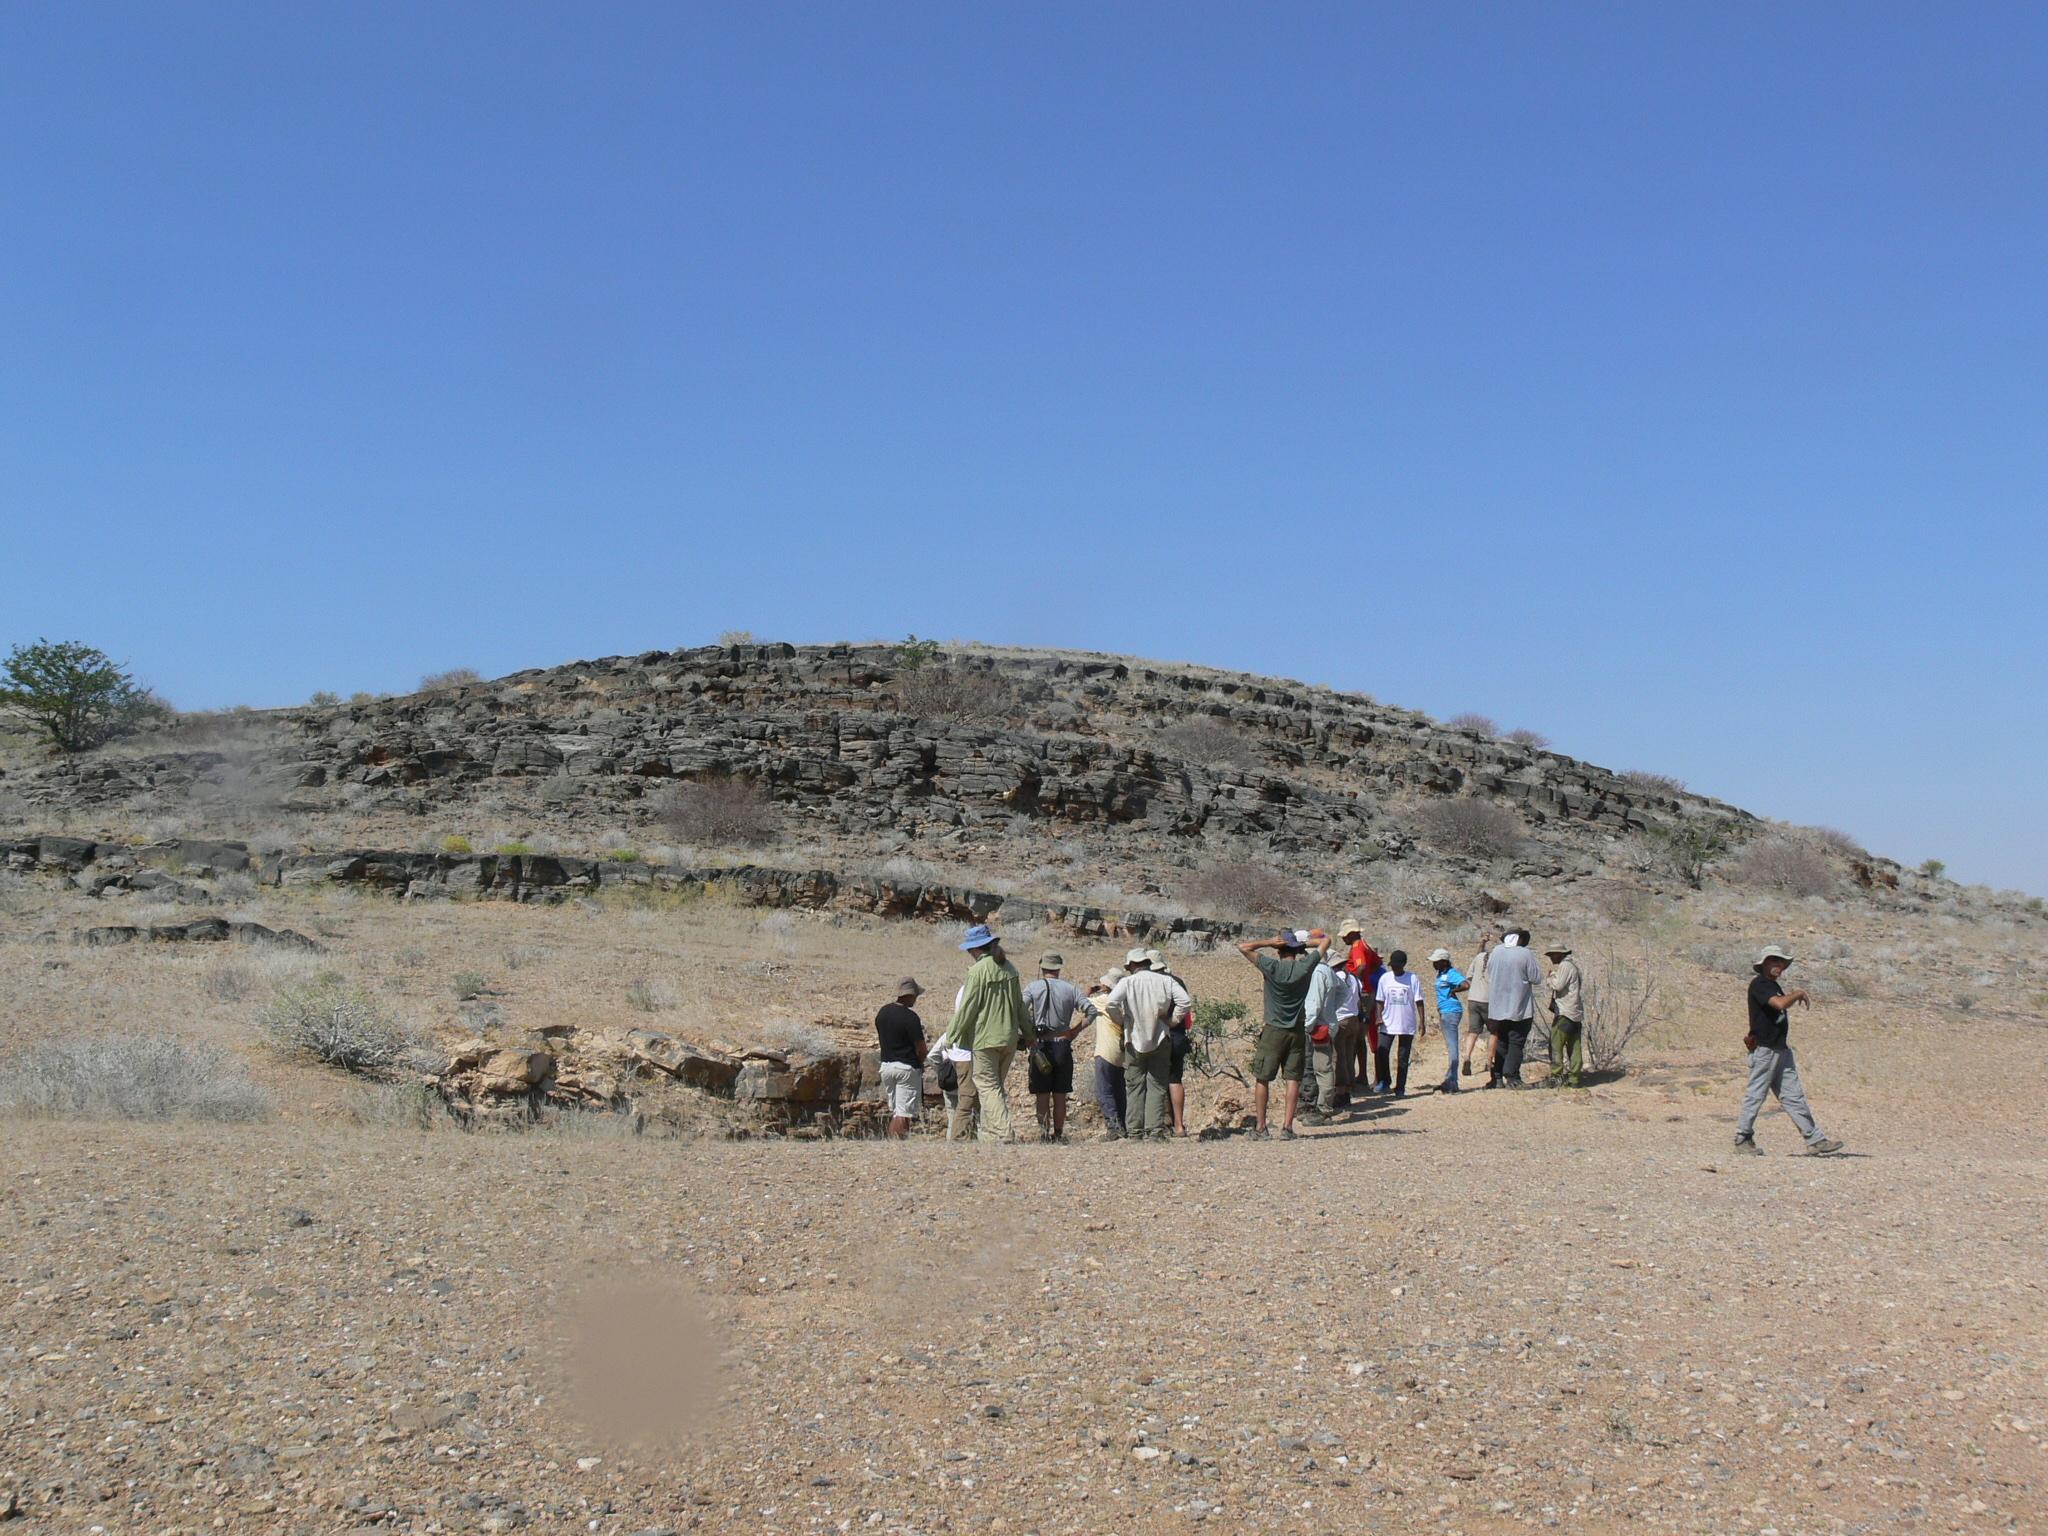 Геологи обнаружили образования в Намиии, указывающие на то, что эта область в прошлом была покрыта ледниковым щитом.